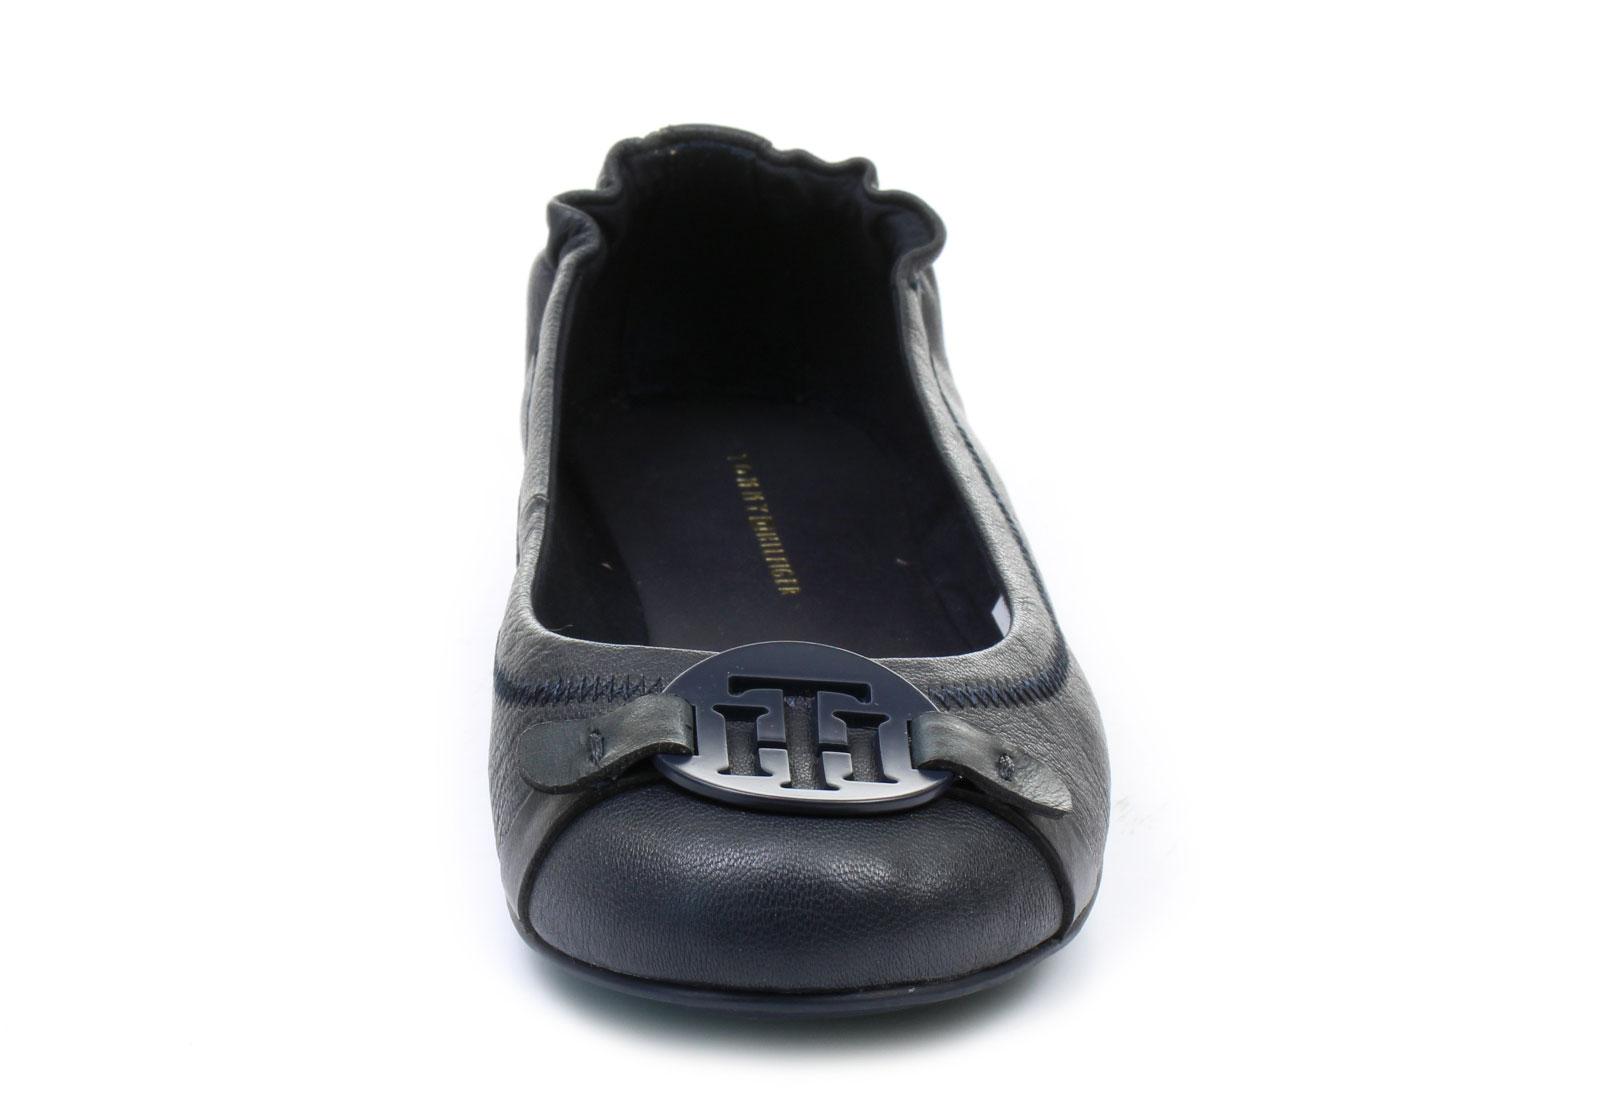 tommy hilfiger high heels appleton 1a 16f 1774 403. Black Bedroom Furniture Sets. Home Design Ideas